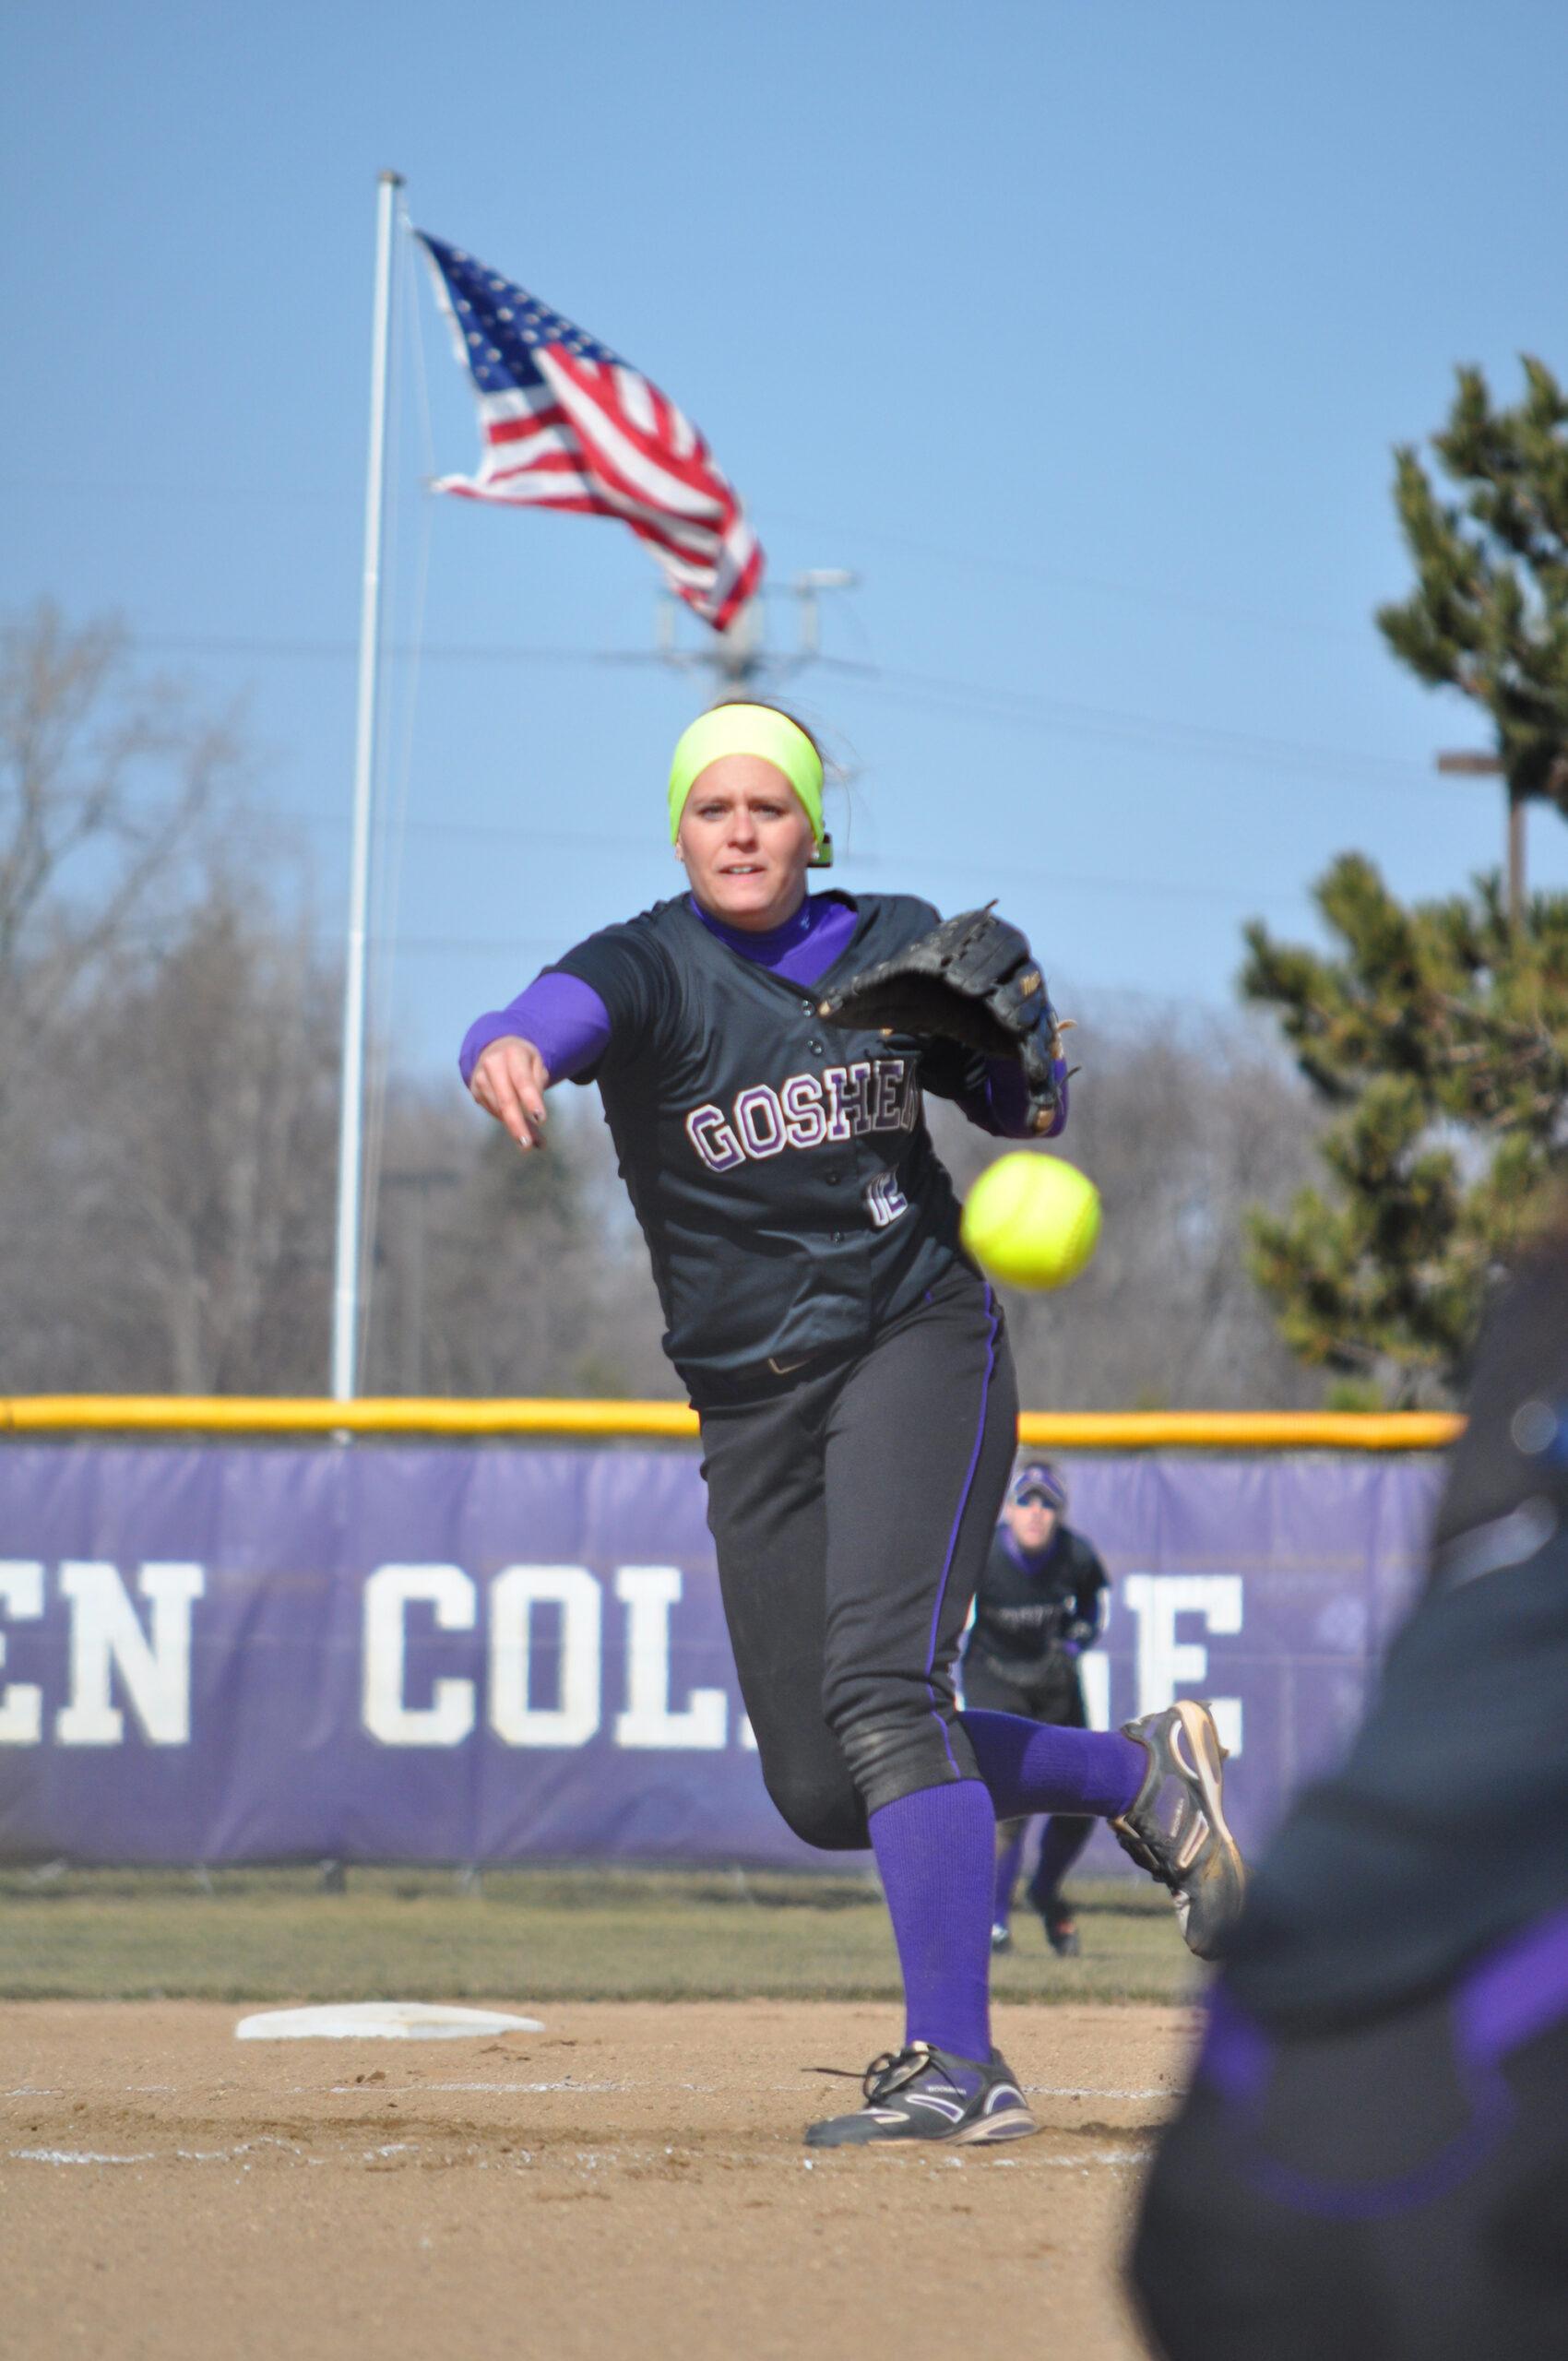 softball player pitching